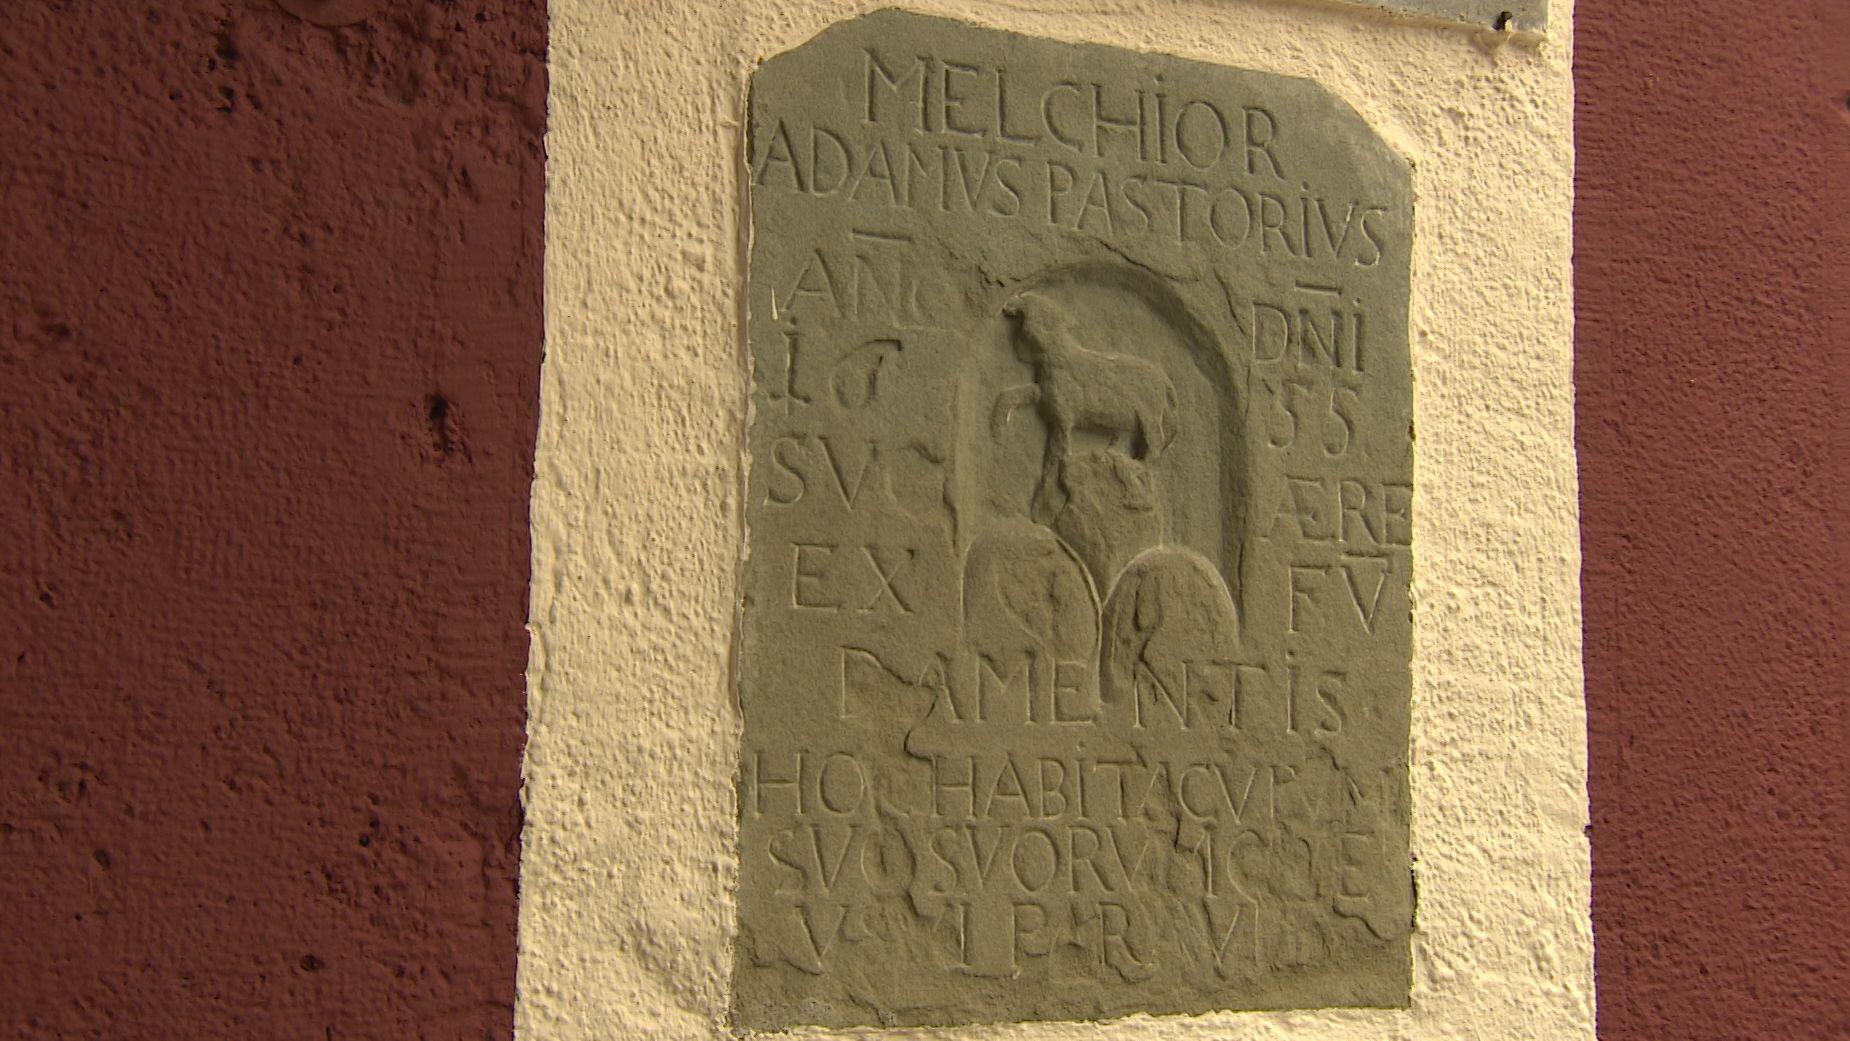 Inschrift erinnert an Franz Daniel Pastorius.